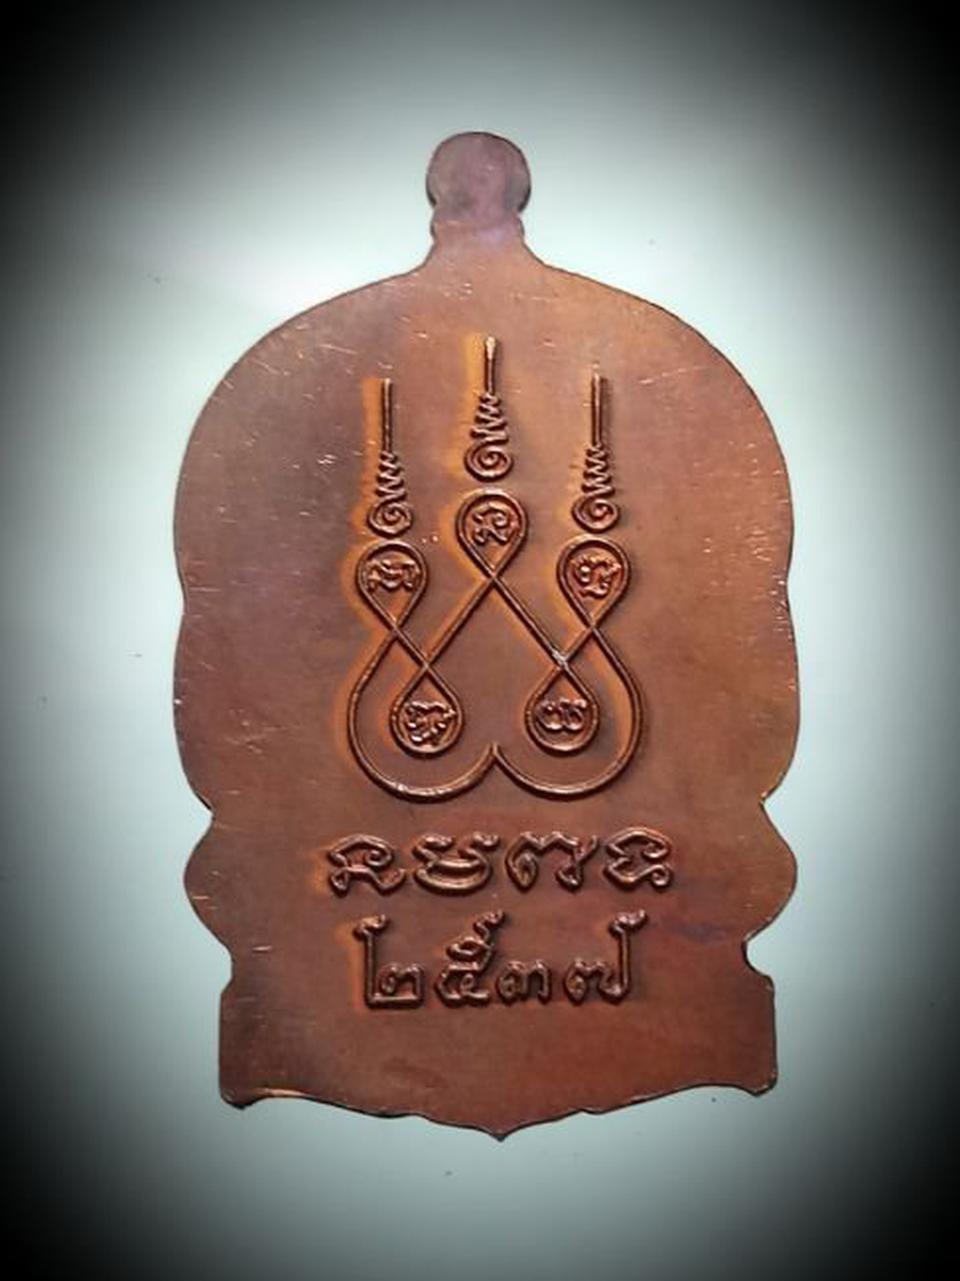 เหรียญหลวงพ่อพุธ ปี๓๗ รูปที่ 1